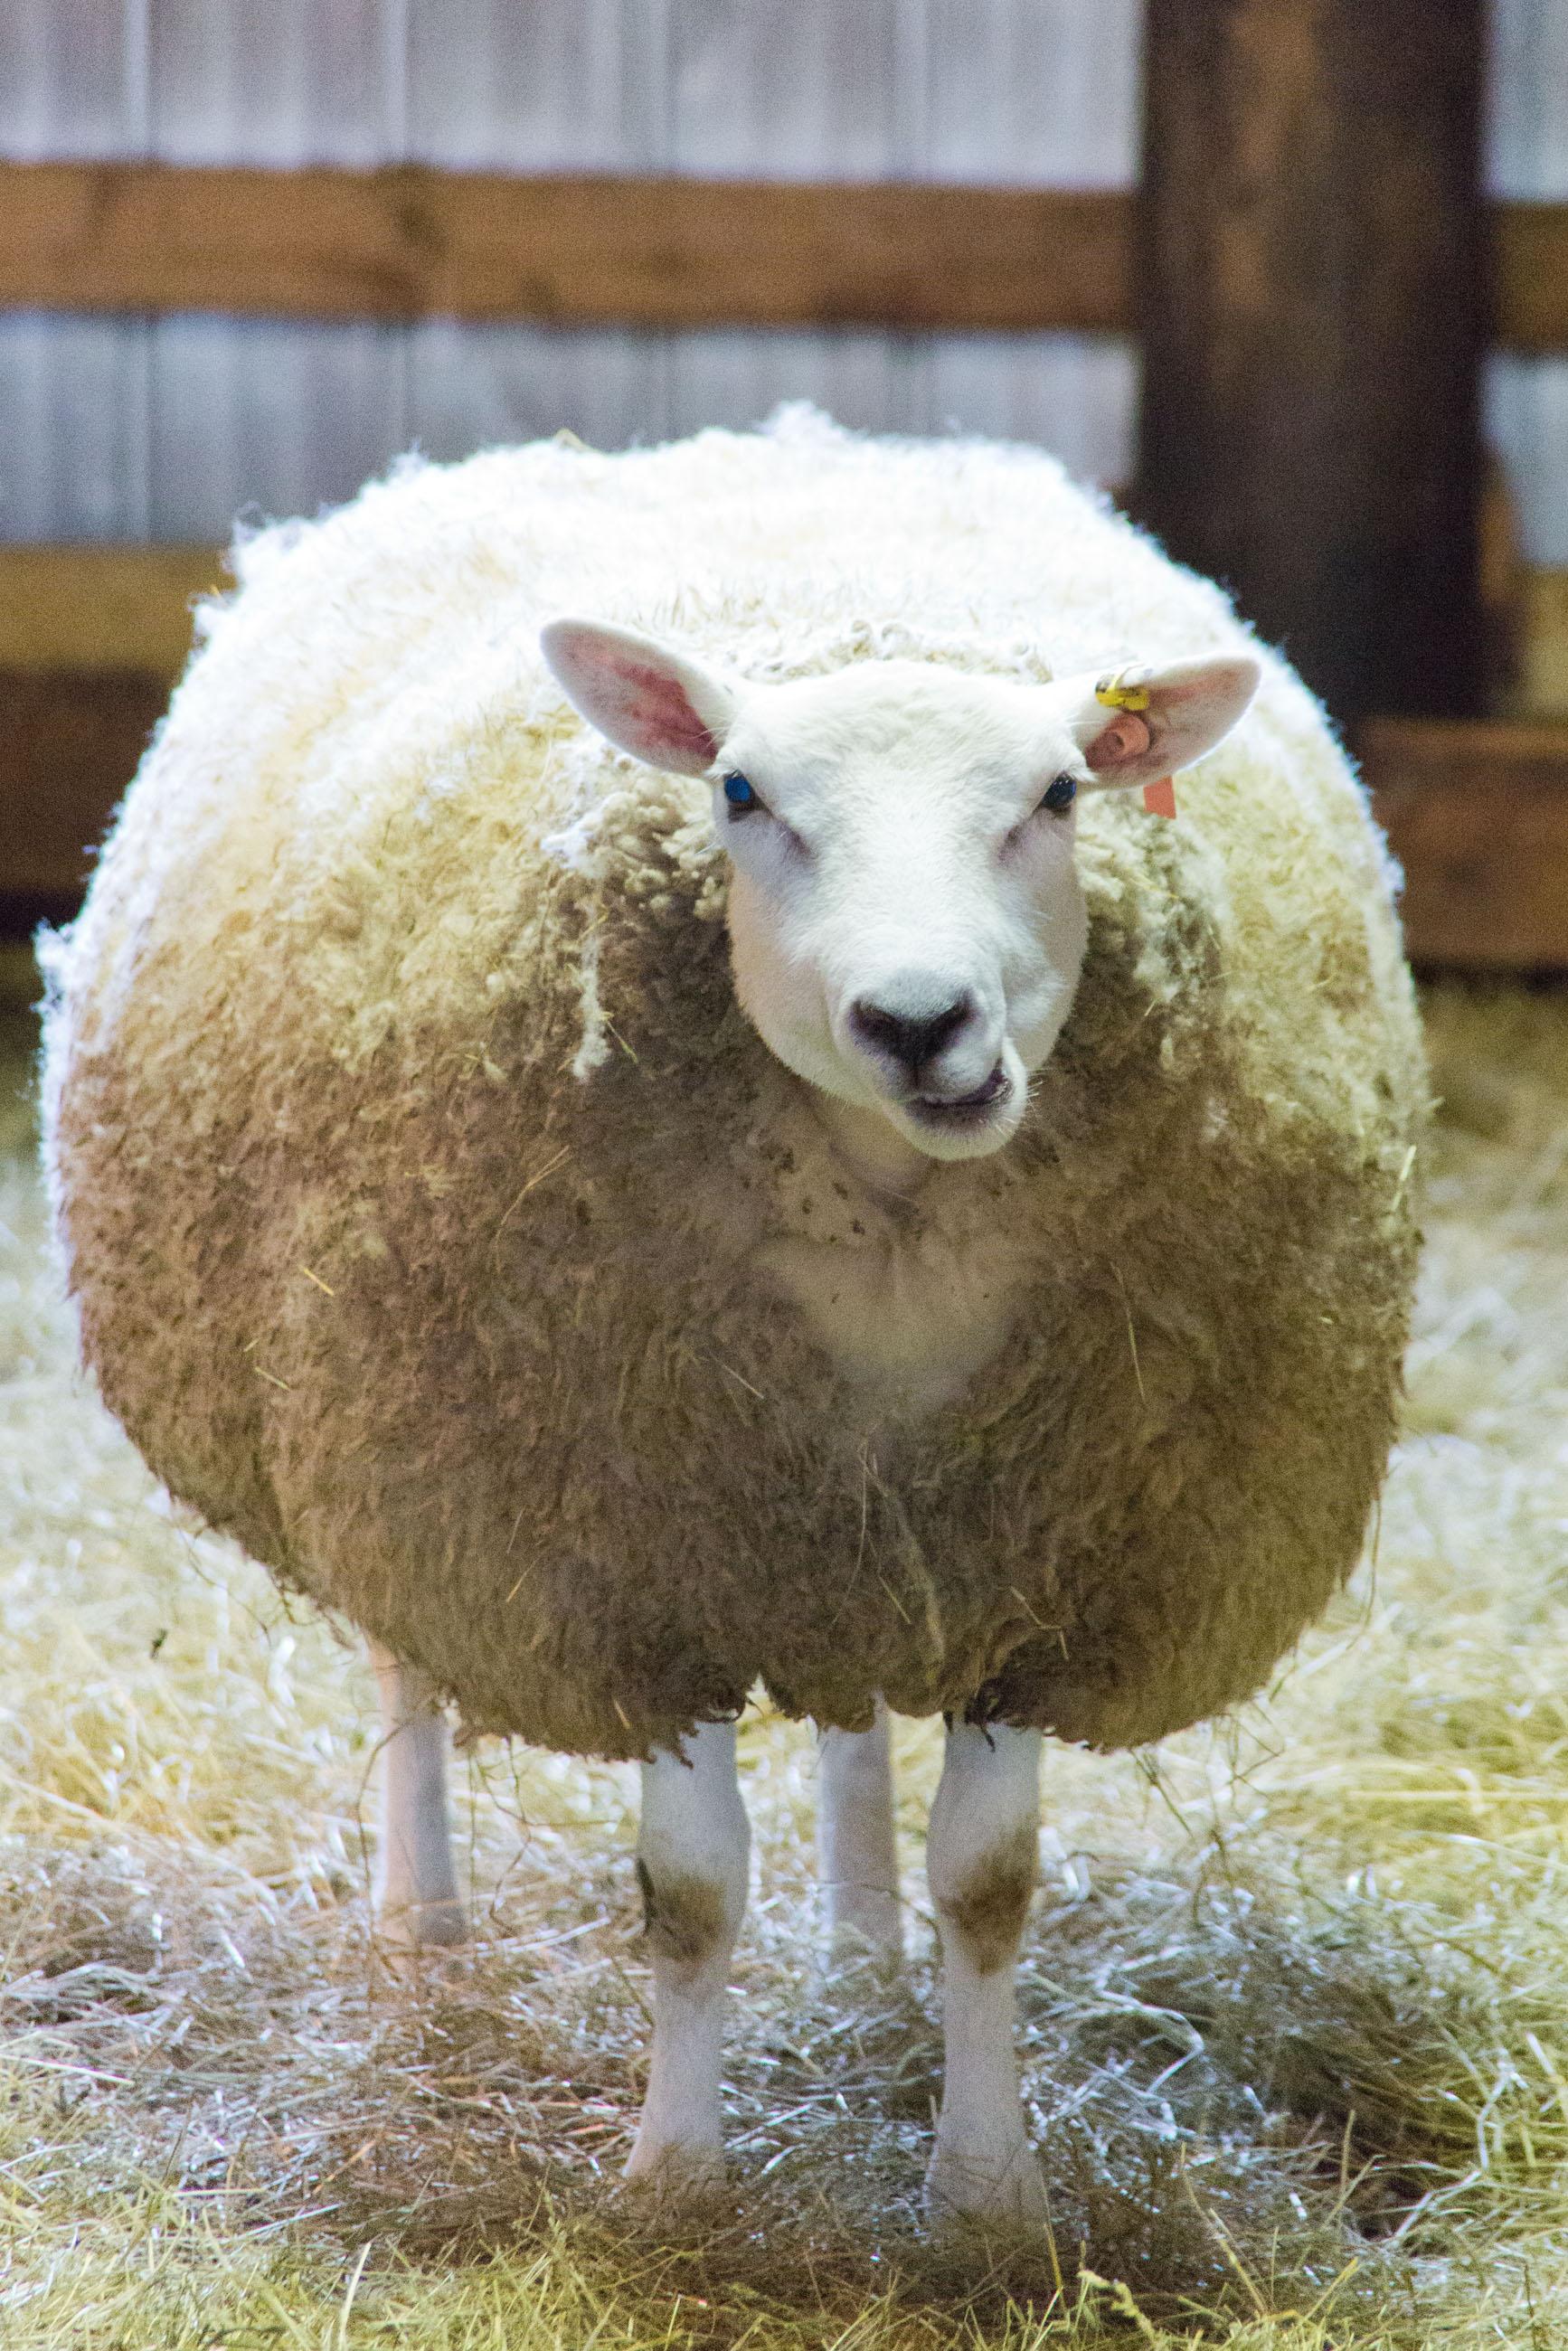 Sheep feeding, Adorable, Soft, Maternal, Naive, HQ Photo